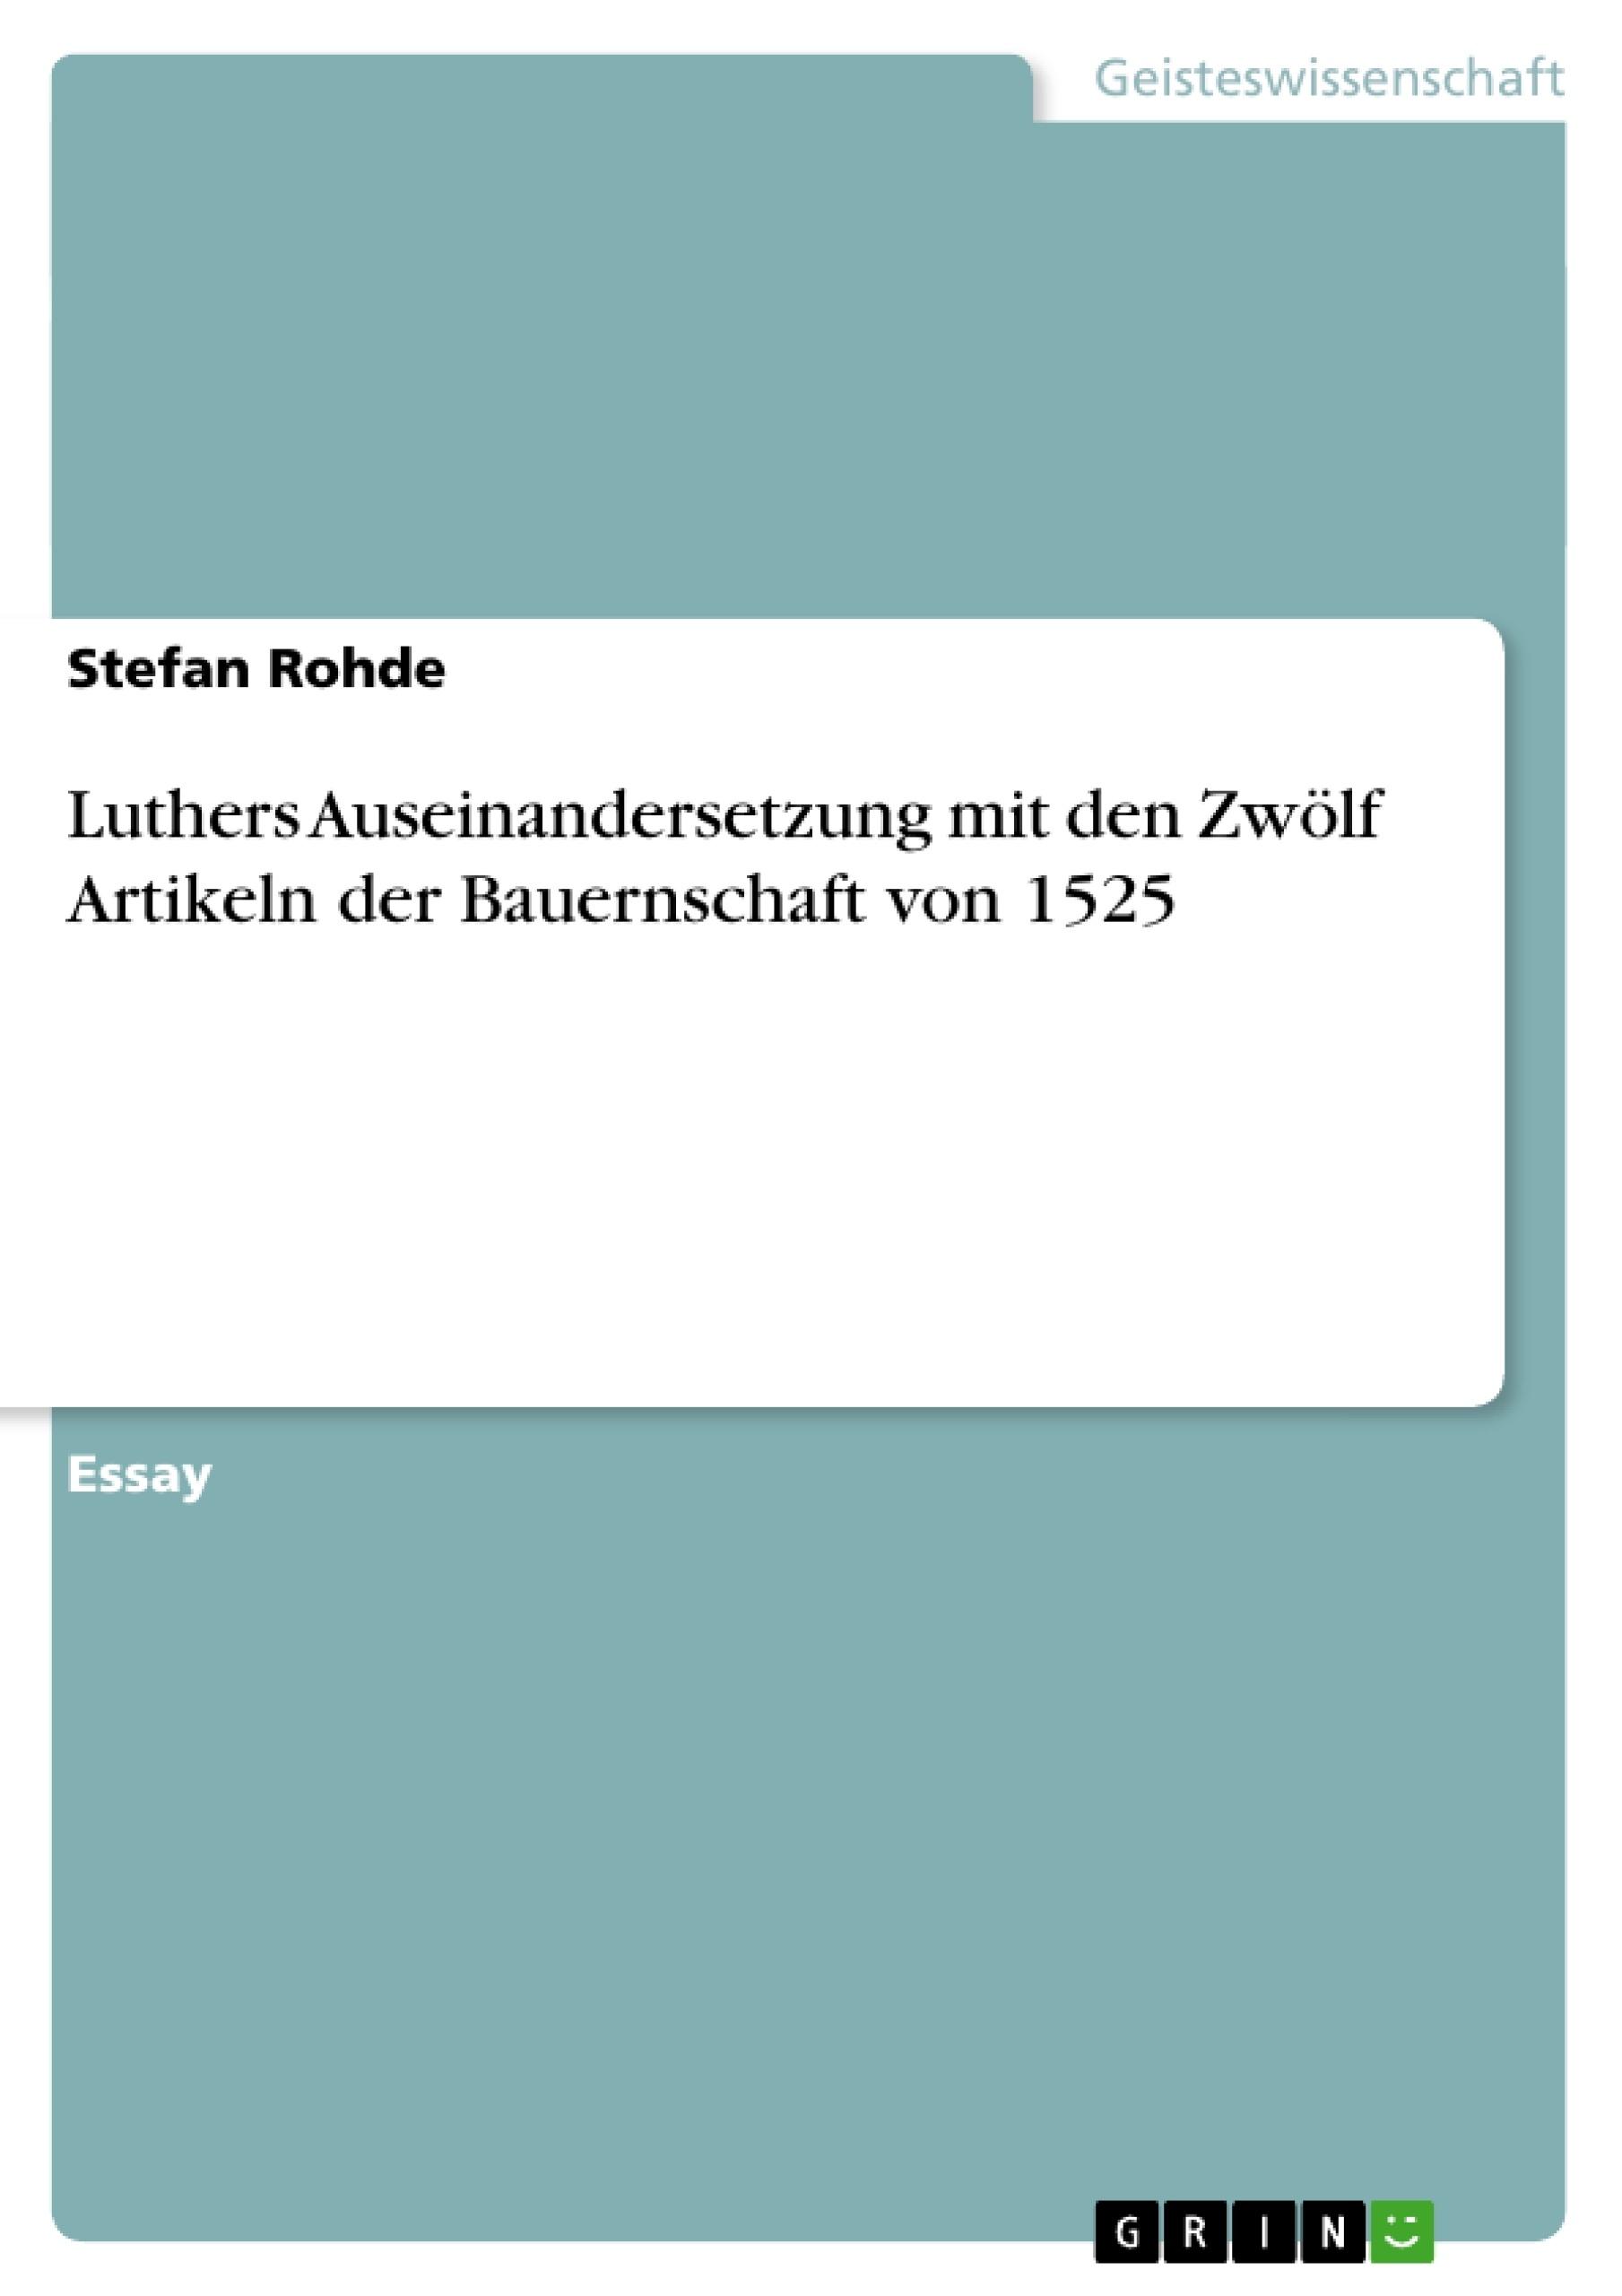 Titel: Luthers Auseinandersetzung mit den Zwölf Artikeln der Bauernschaft von 1525